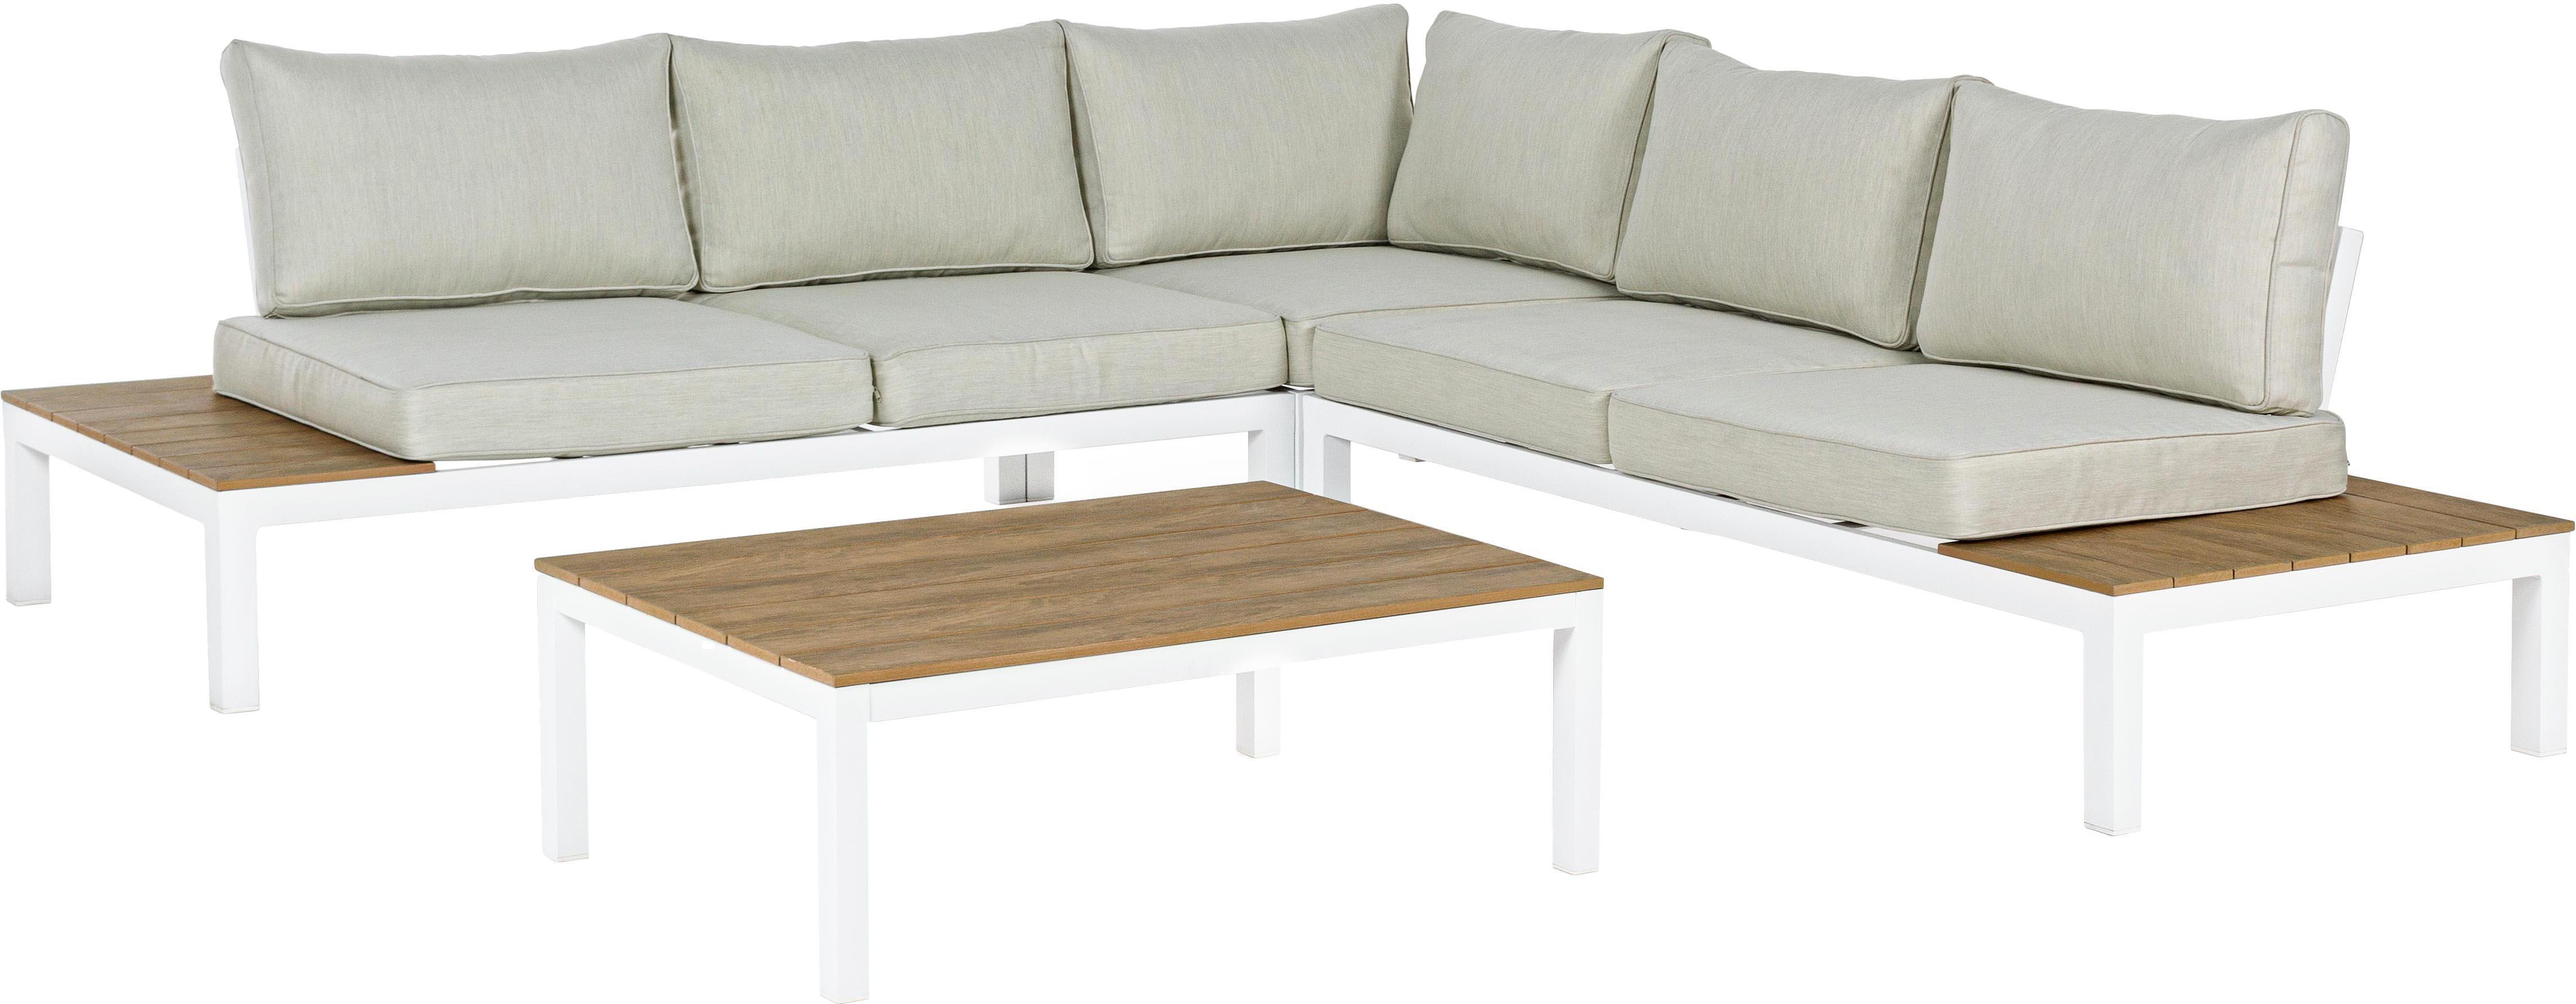 Salotto da giardino Elias 4 pz, Struttura: alluminio verniciato a po, Seduta: compensato, rivestito, Bianco, legno di teak, beige, Set in varie misure